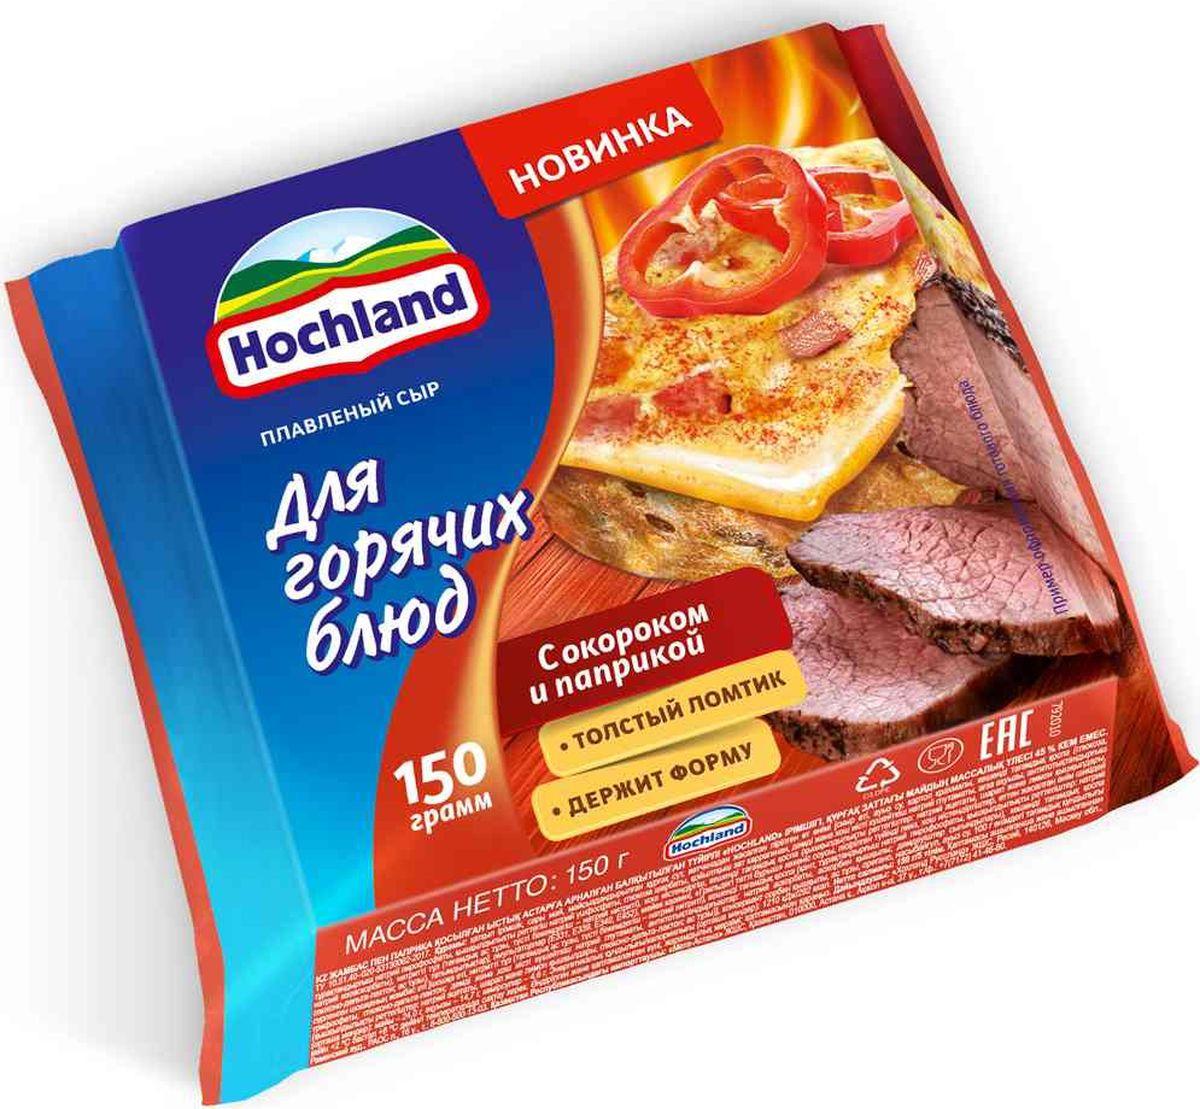 Плавленый сыр Hochland для горячих блюд с грибами и копченым мясом, 150 г